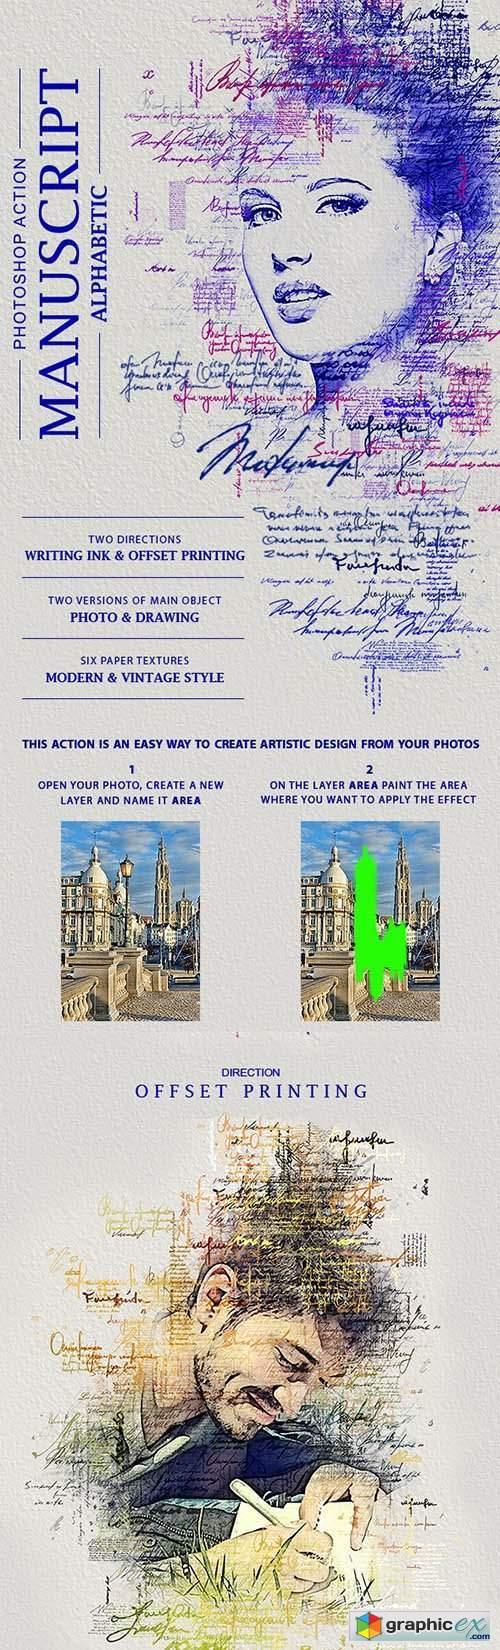 Manuscript (Alphabetic) Photoshop Action